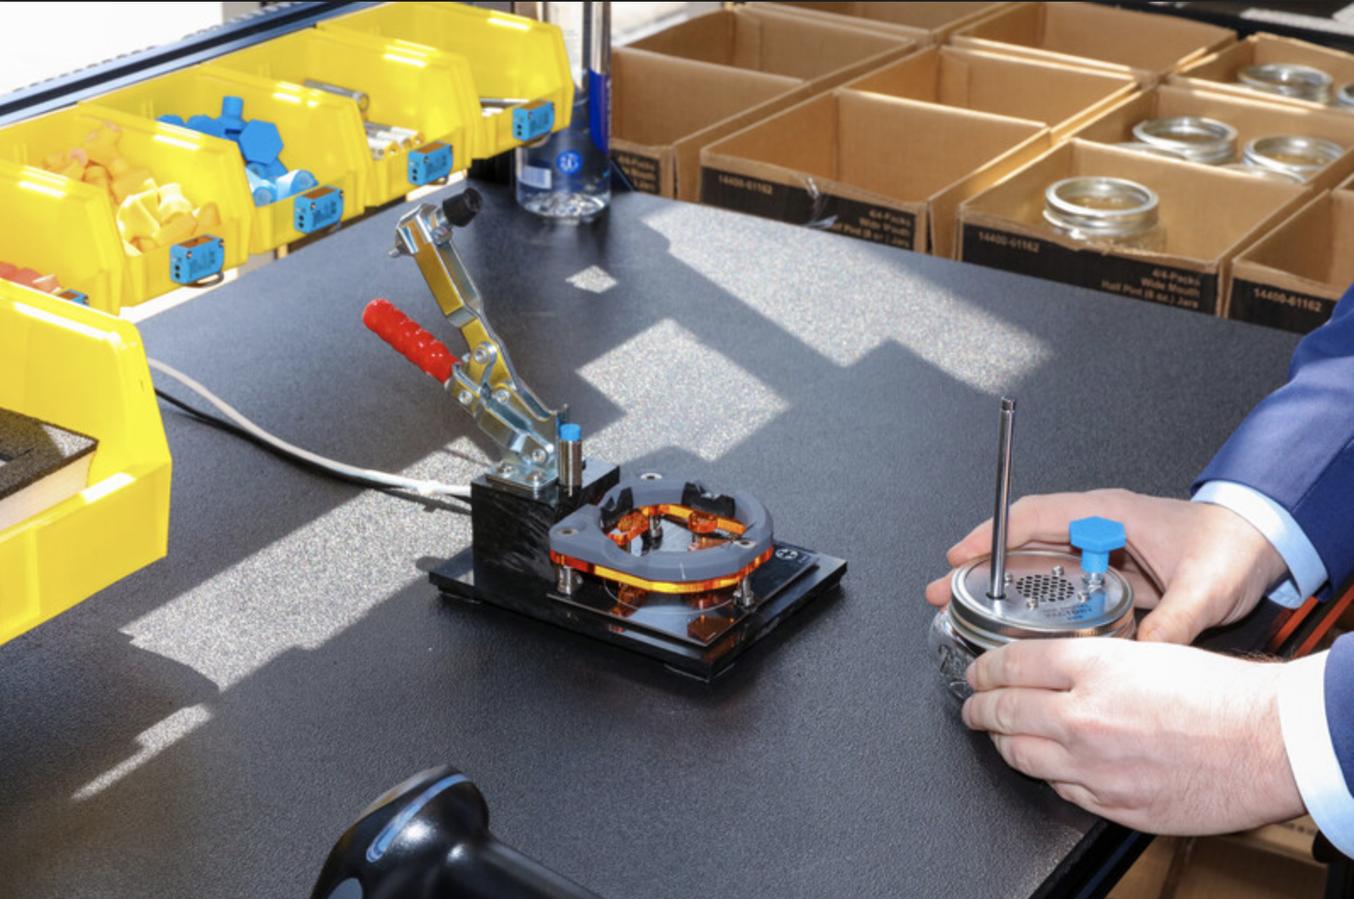 Teilnehmer montieren und programmieren Radios an Werkbänken von Vention, die mit Hardware von Tulip ausgerüstet sind. Ein großer Bildschirm zeigt schrittweise Anweisungen an und Sensoren erfassen Inventar, Zyklen und andere wichtige Fertigungsdaten.